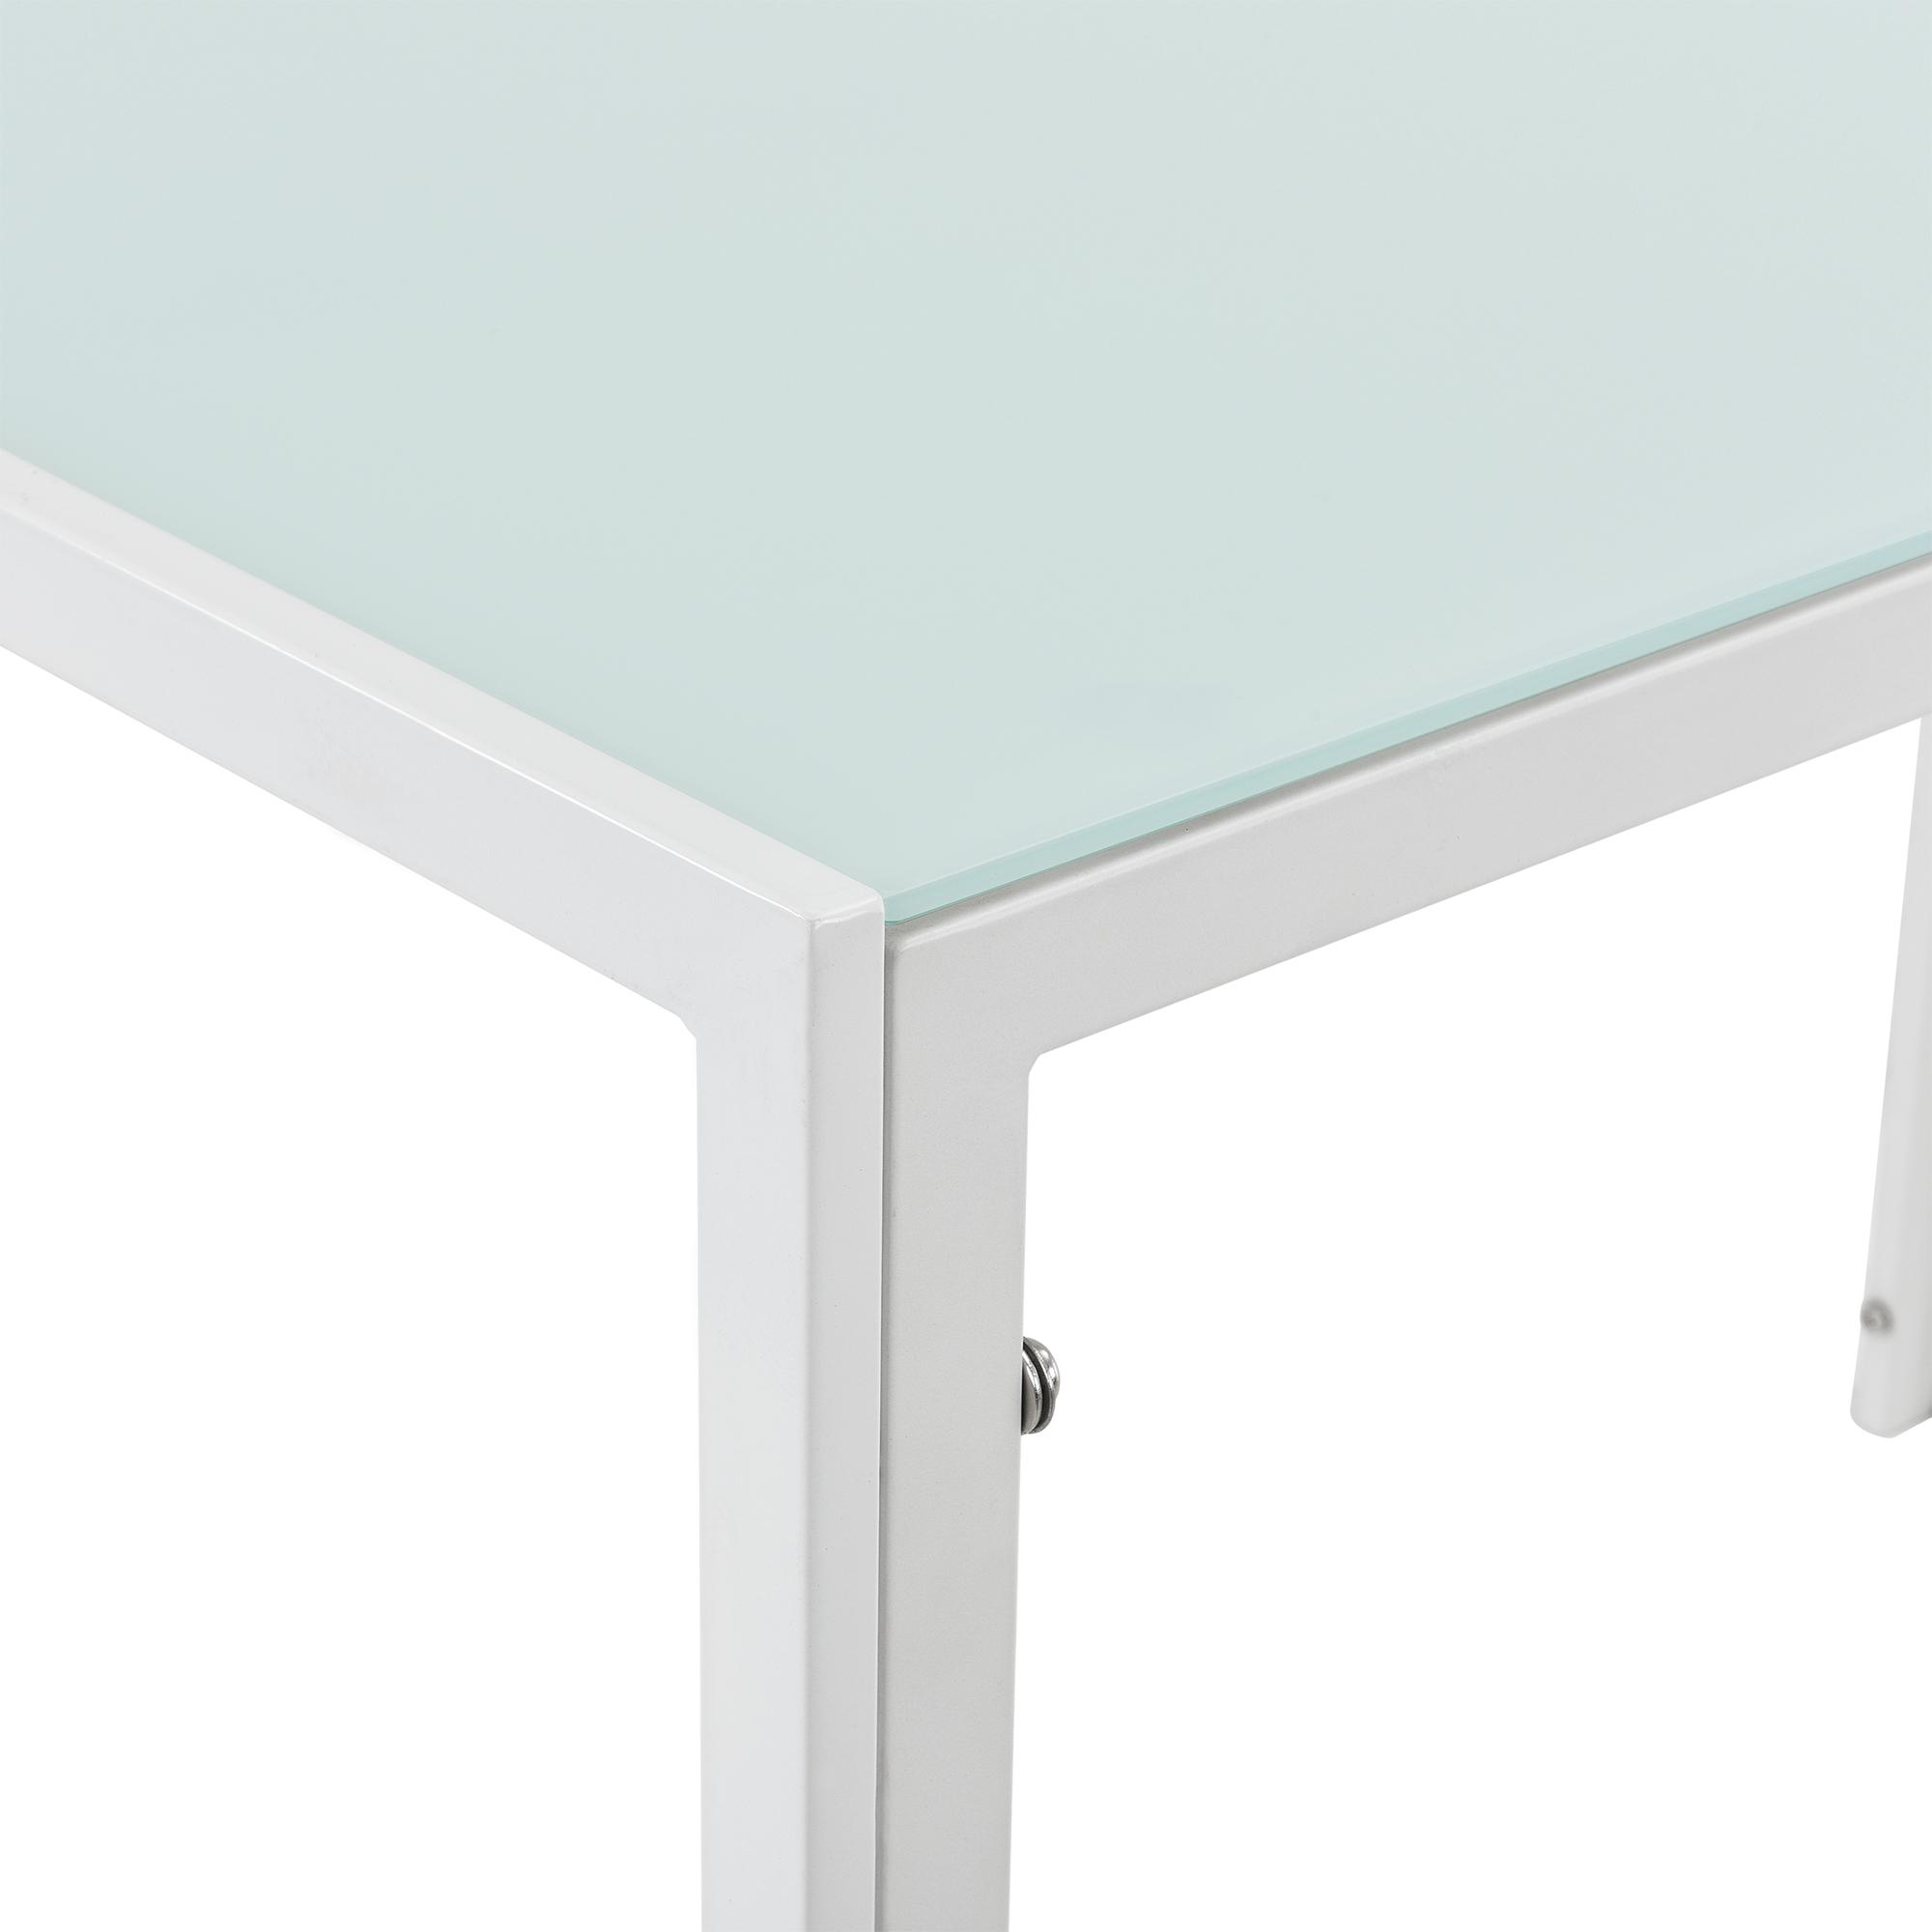 esstisch wei k chentisch esszimmertisch glas tisch esszimmer modern ebay. Black Bedroom Furniture Sets. Home Design Ideas